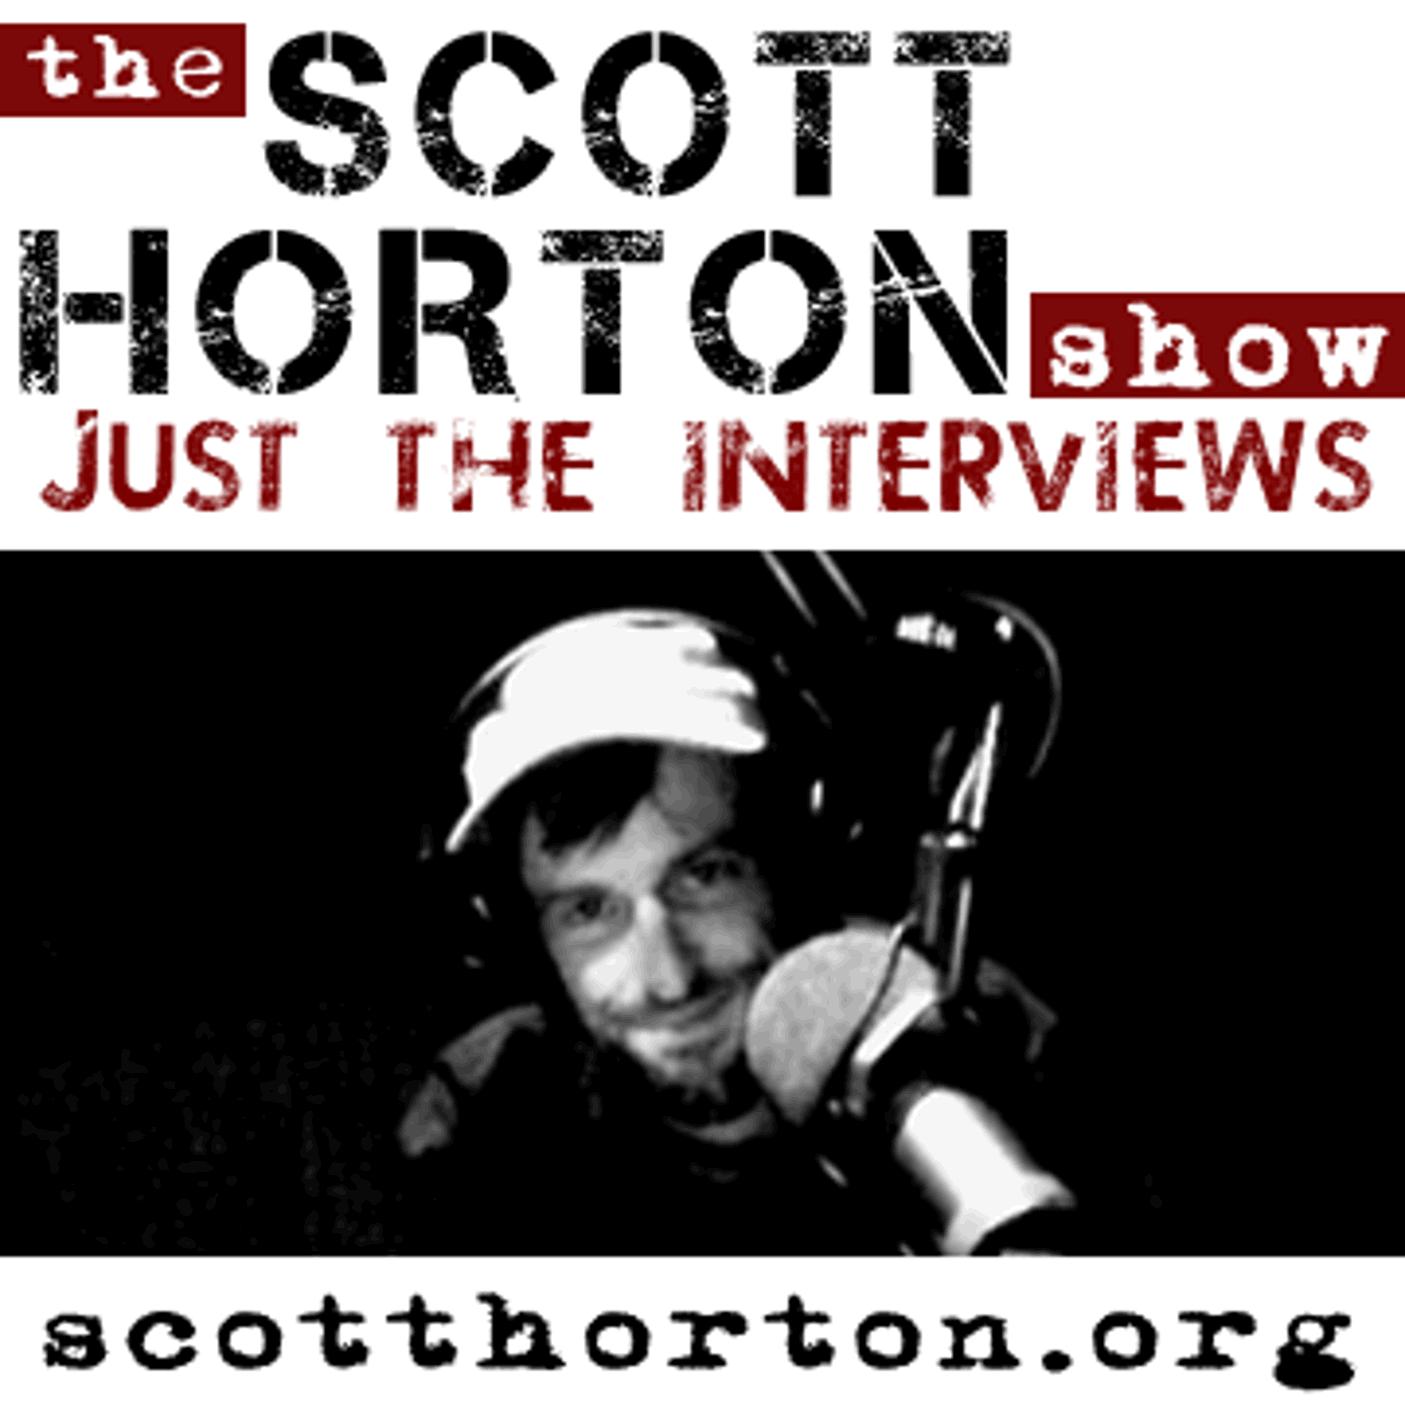 The Scott Horton Show